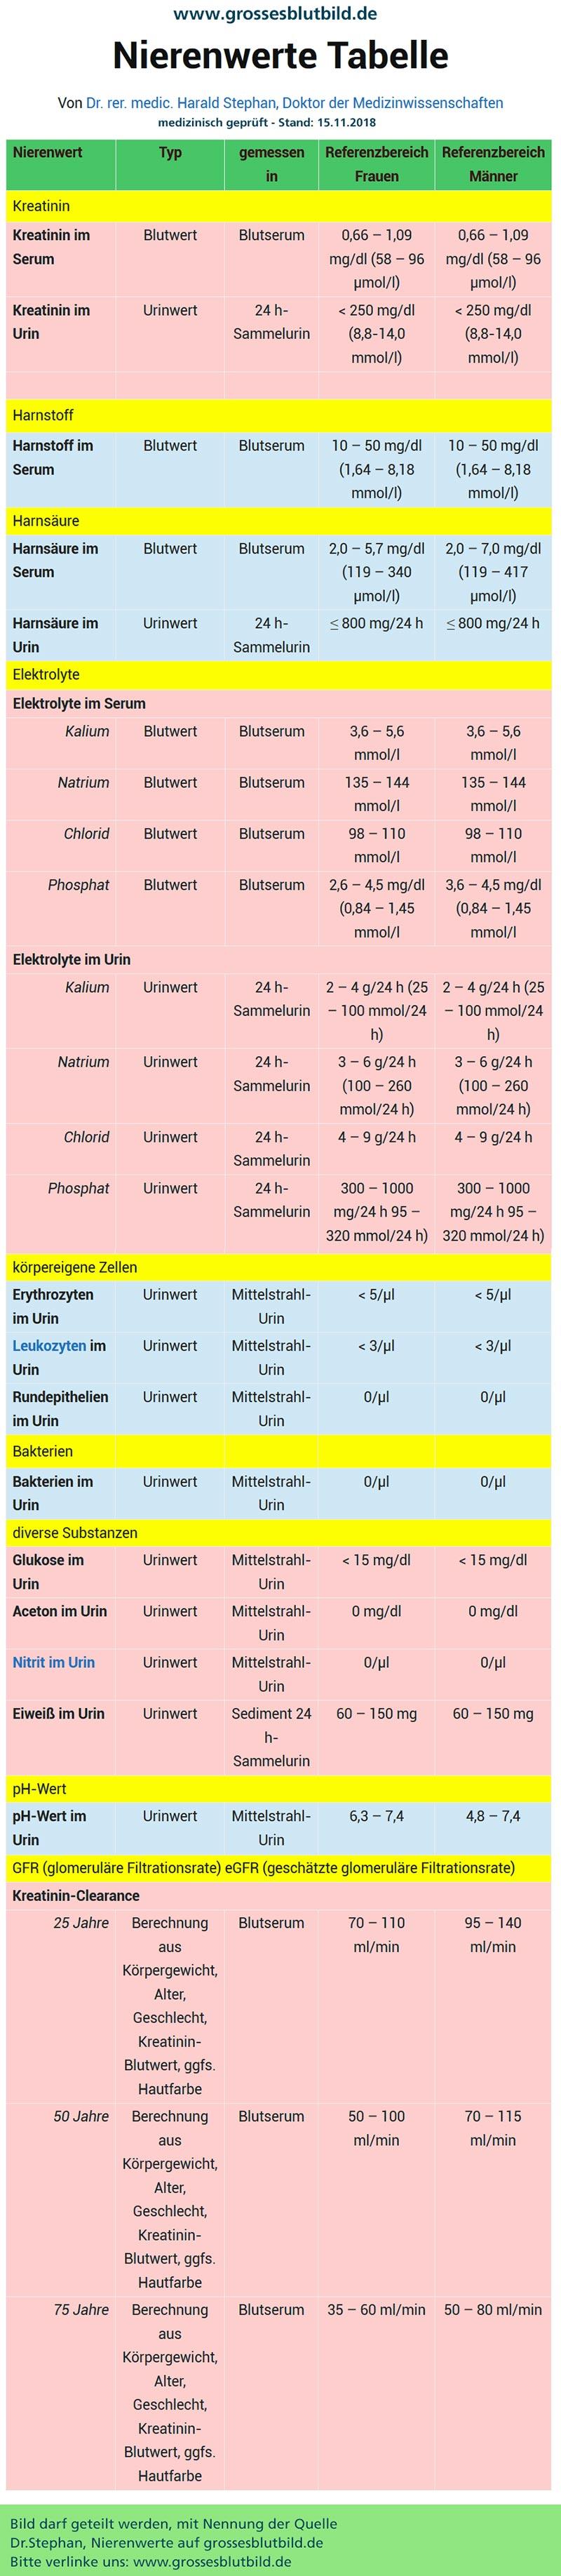 Blutbild Nierenwerte